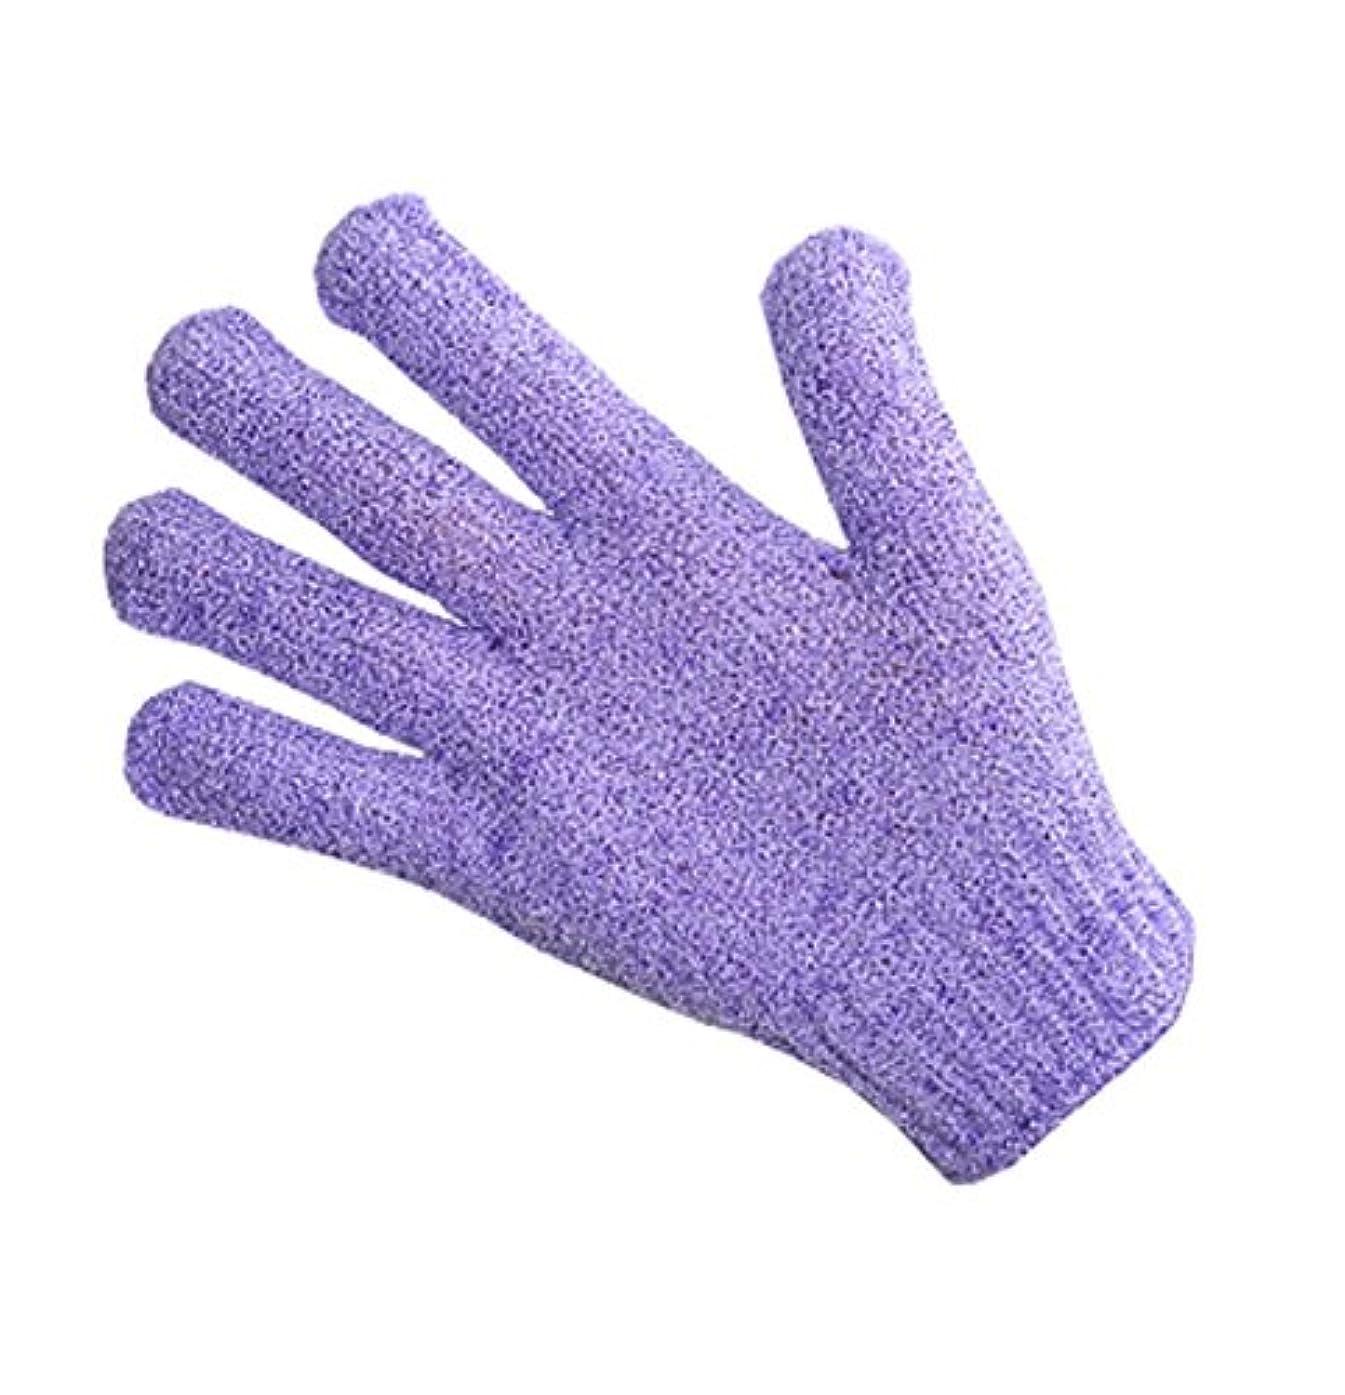 どんよりした影響力のある夜指、バスタオルエクスフォリエイティングラビングタオルボディバック-1ペア、紫